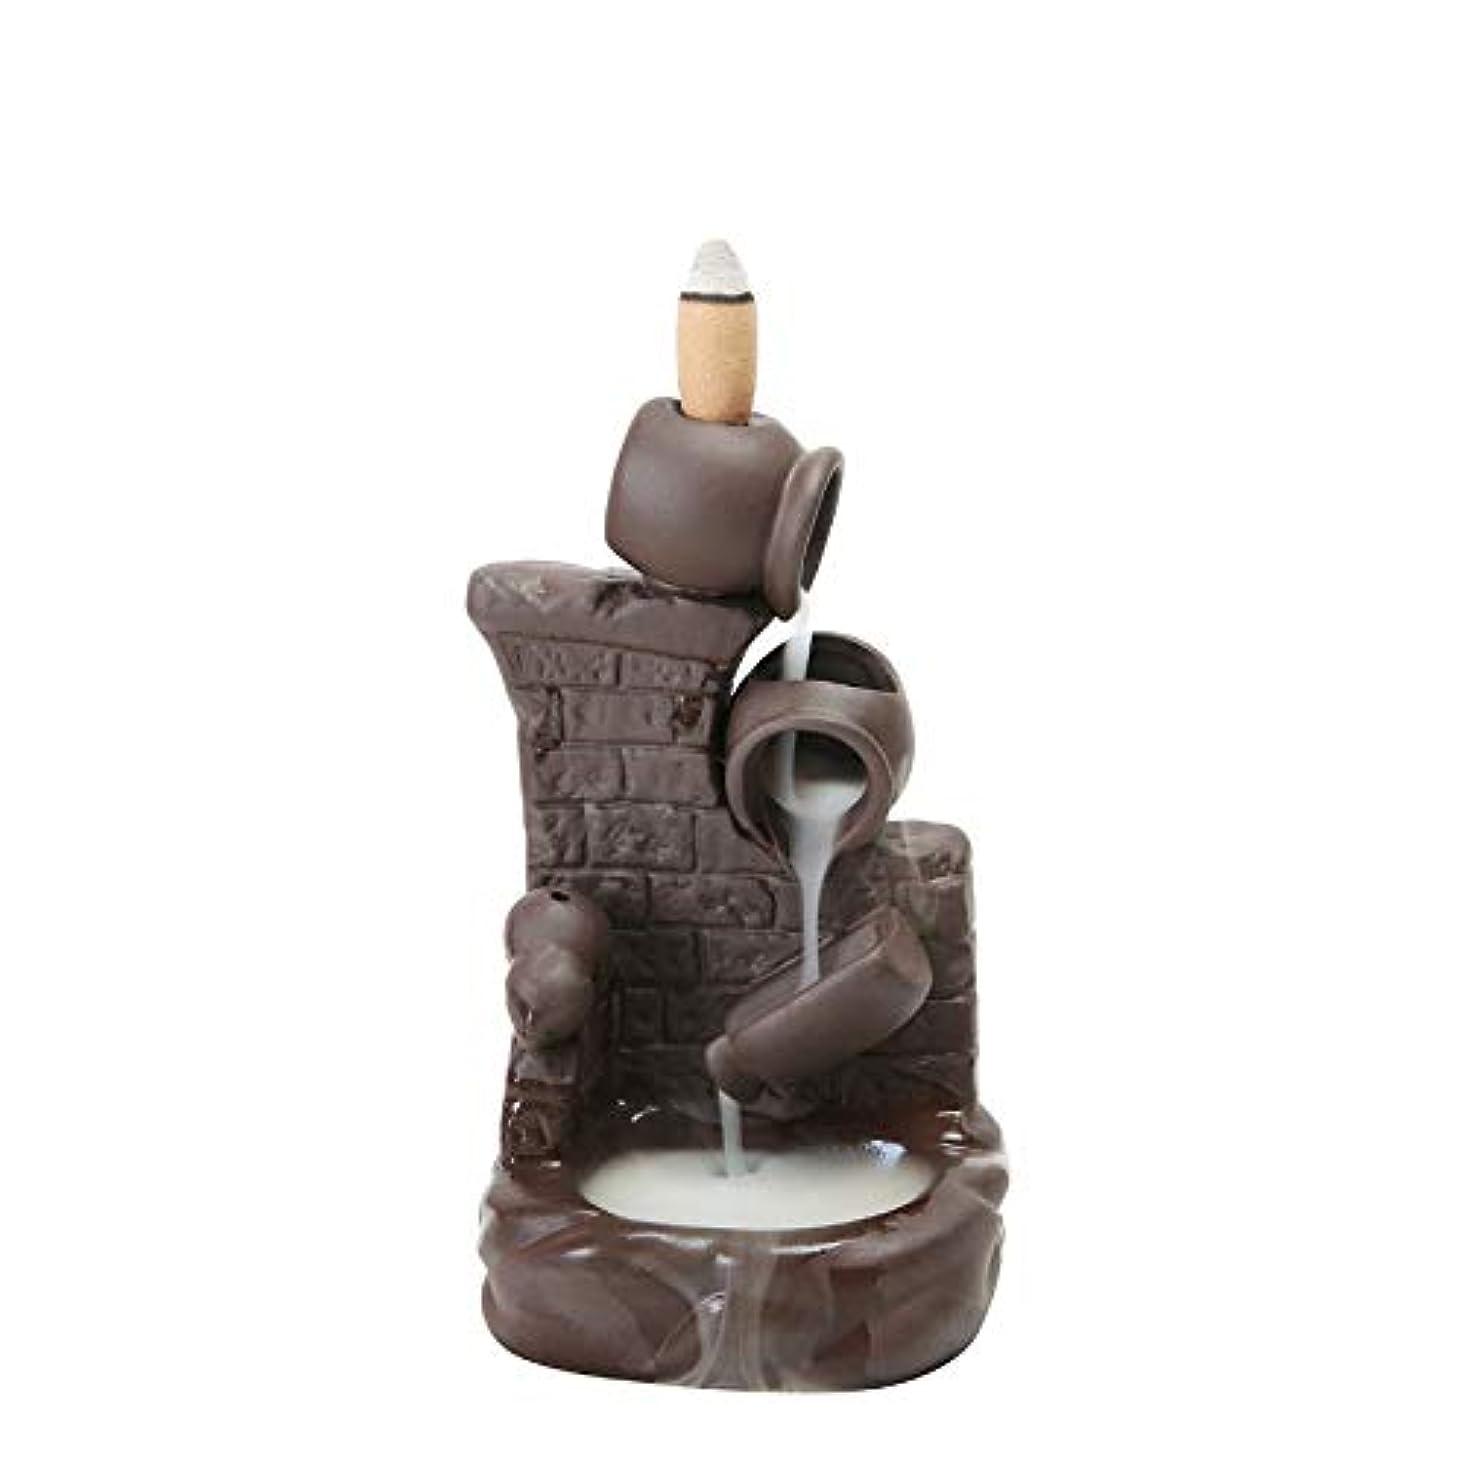 自然公園ラップ無駄(Style 6) - Gift Pro Ceramic Backflow Incense Tower Burner Statue Figurine Incense Holder Incenses Not Included (Style 6)